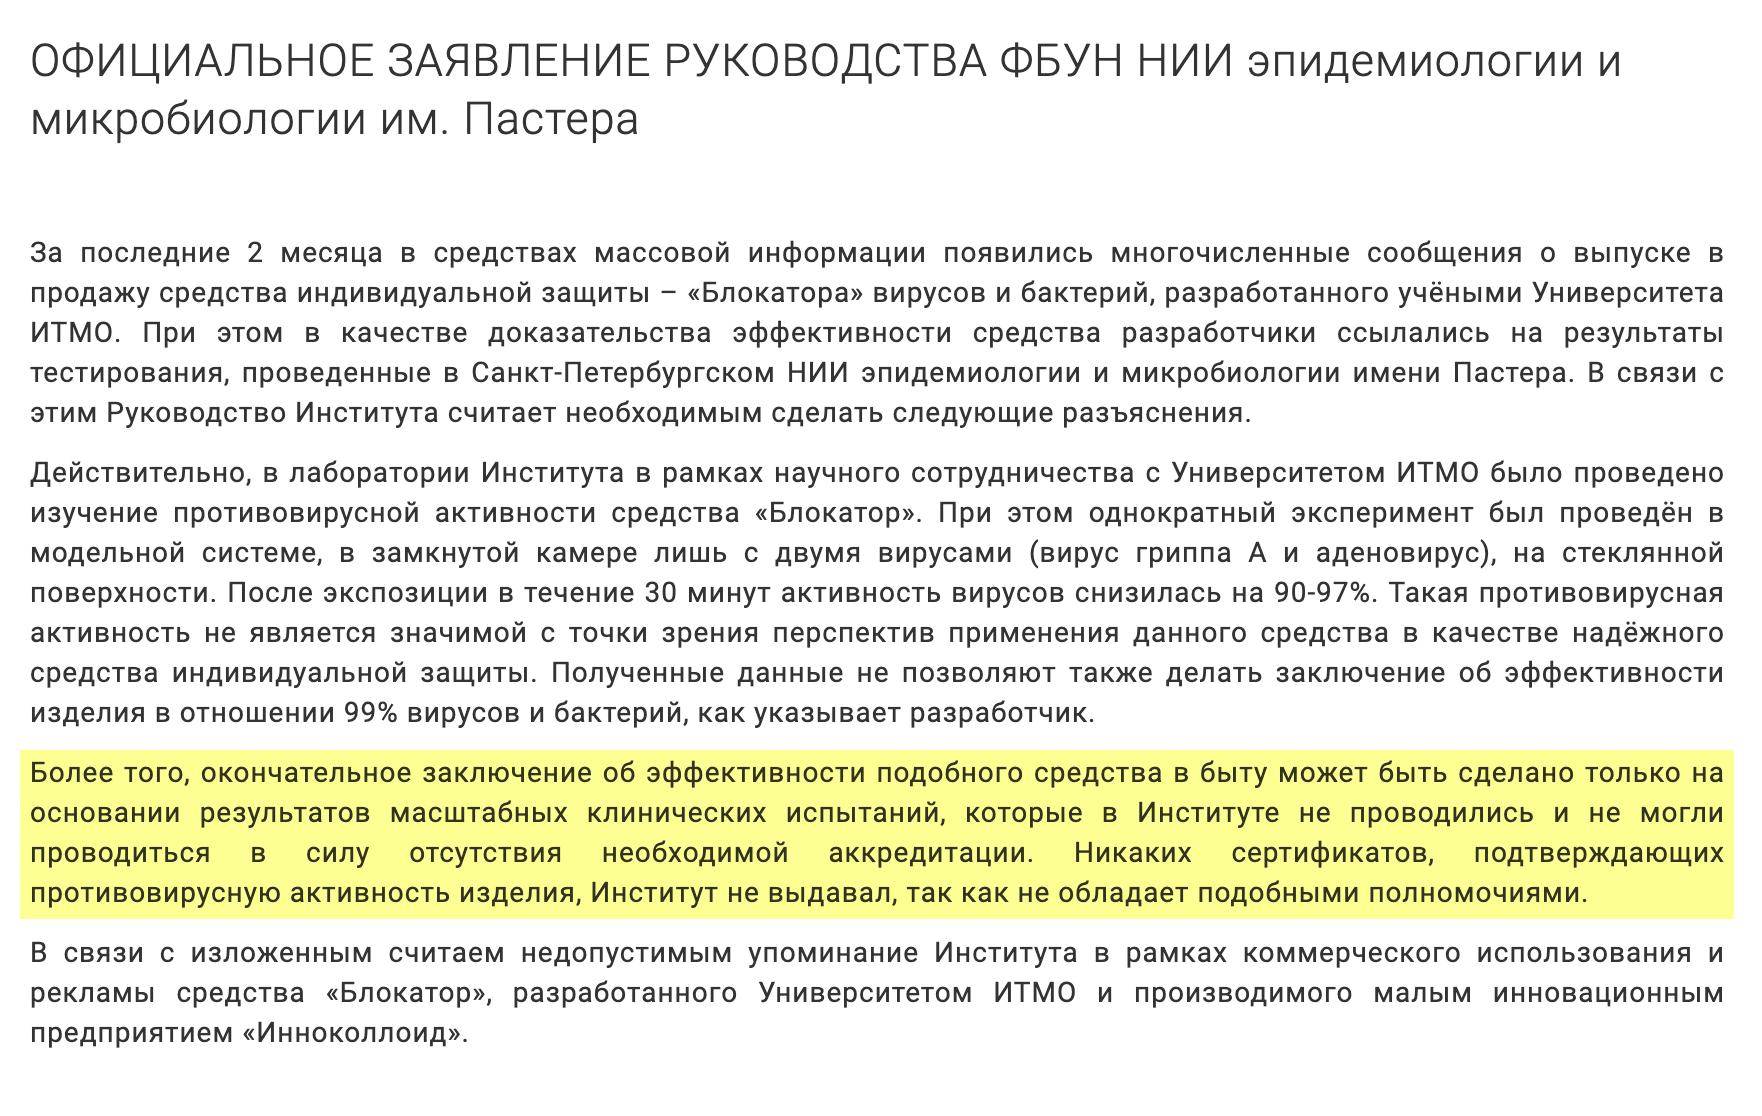 НИИПастера заявил, что никаких сертификатов не выдавал, а эксперимент с участием блокатора ничего не говорит об эффективности. Поэтому упоминание института в рекламе блокатора недопустимо